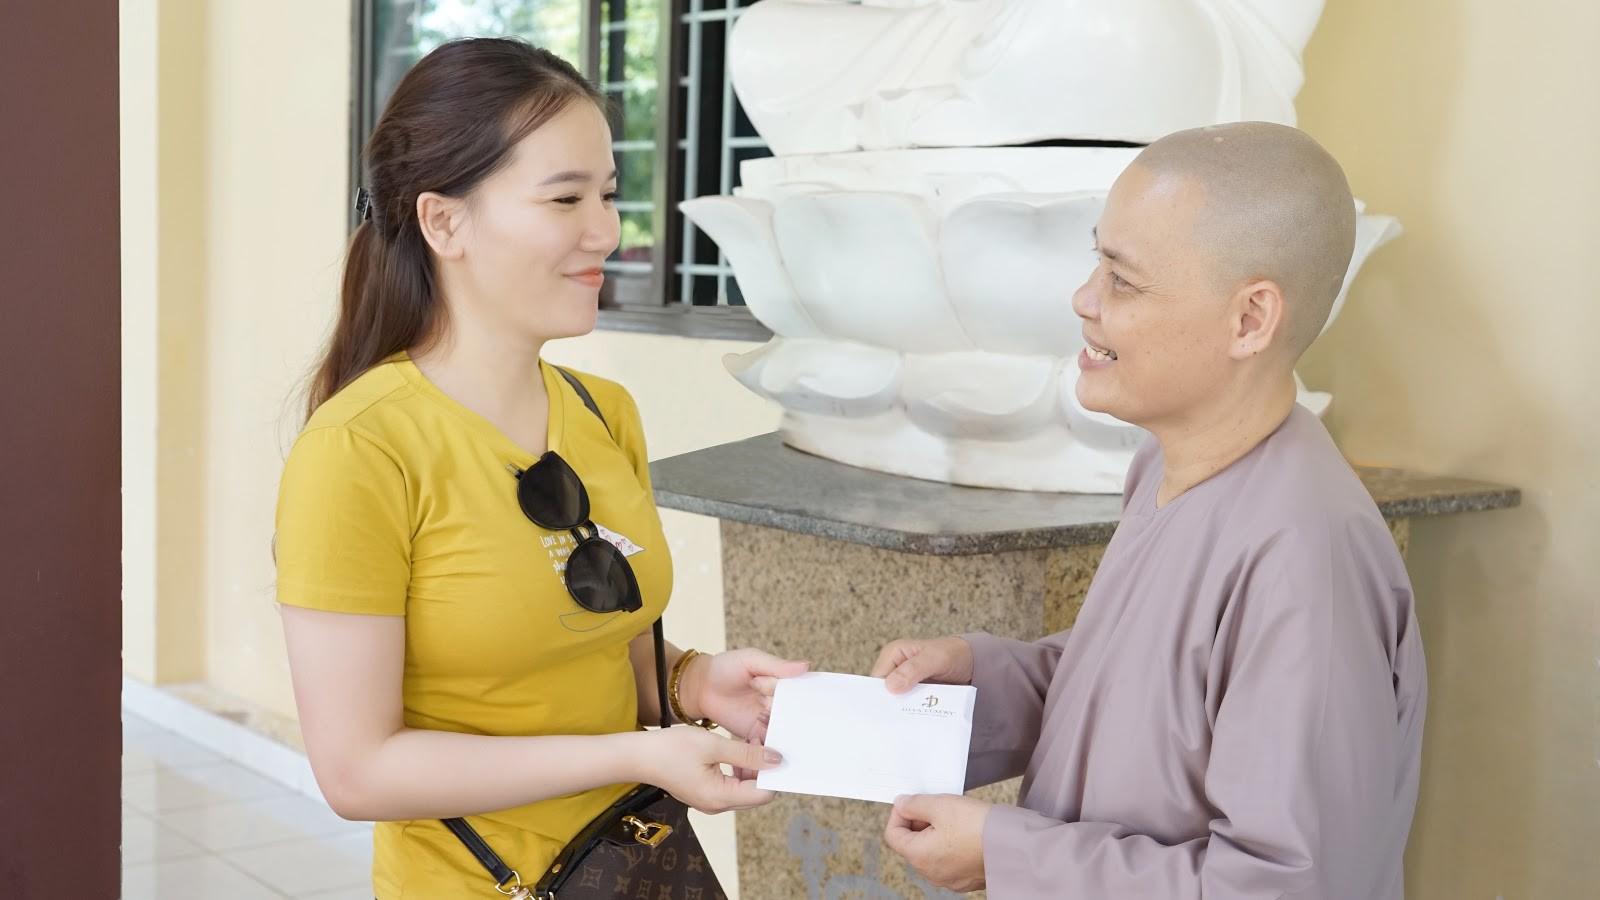 Viện thẩm mỹ DIVA tặng quà cho trẻ em mồ côi tại chùa Pháp Tánh - Ảnh 1.